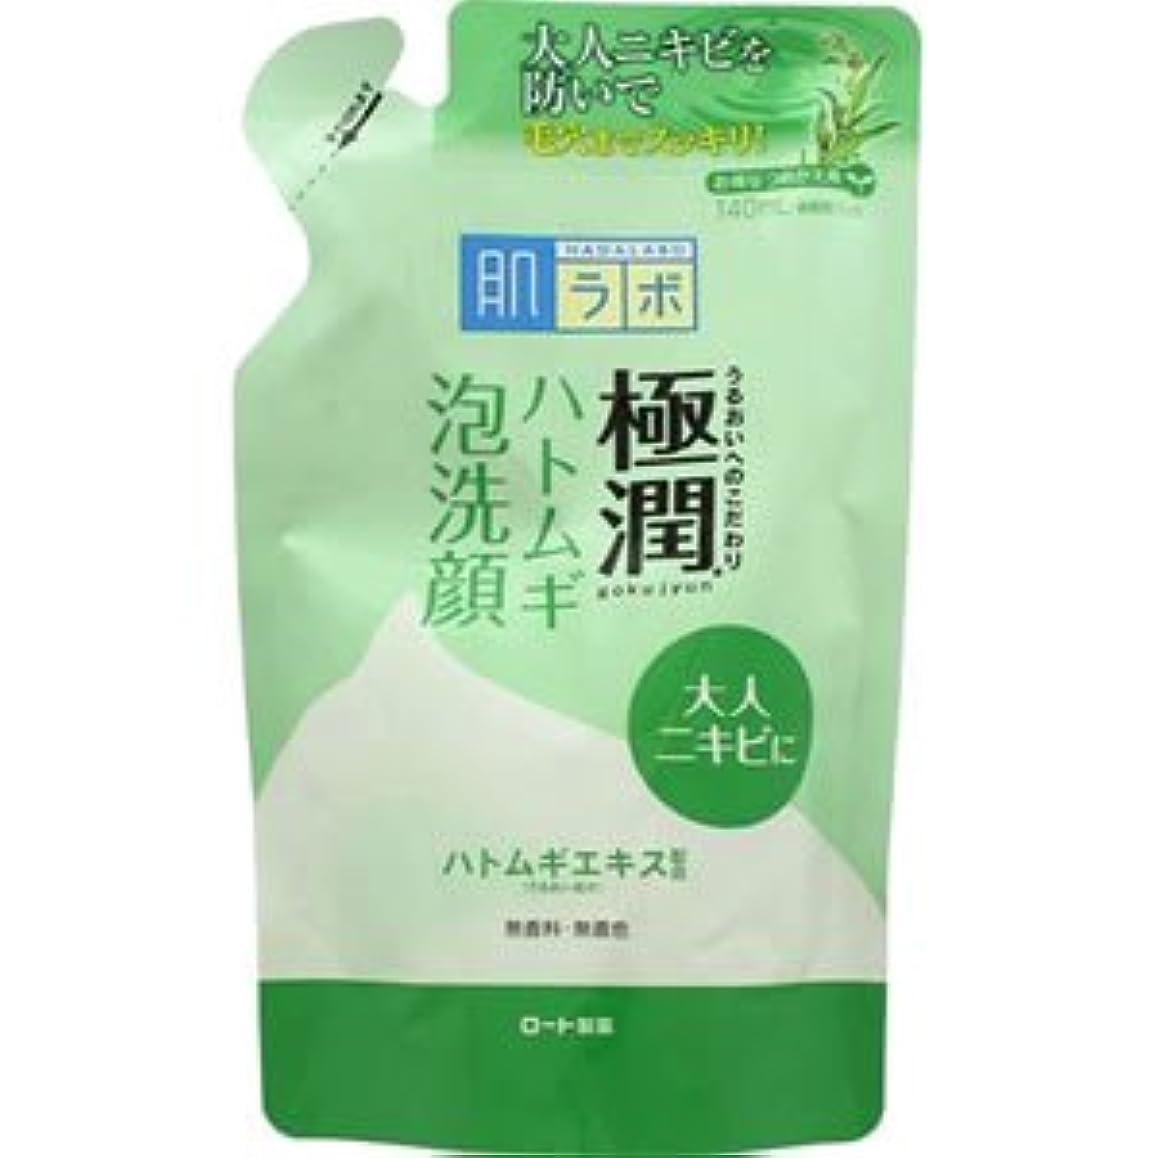 感染する近代化するそして(ロート製薬)肌研 極潤ハトムギ泡洗顔 140ml(つめかえ用)(お買い得3個セット)